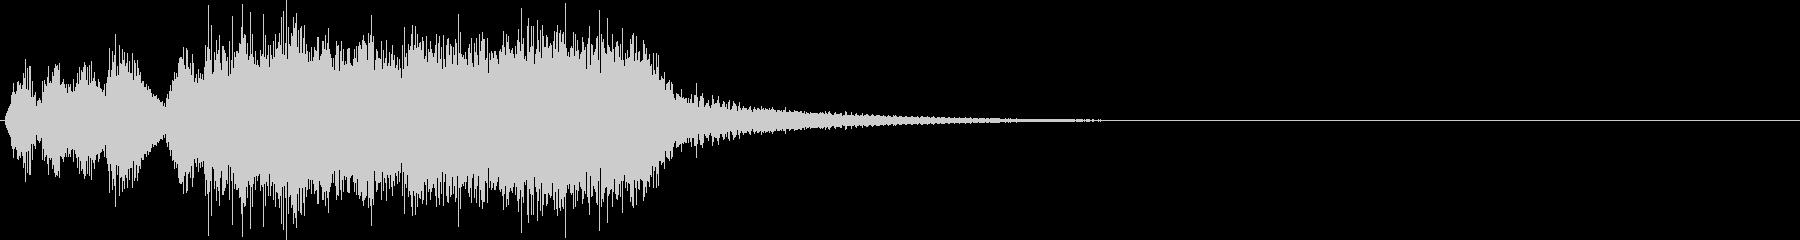 汎用22 ジャジャジャジャッジャジャーンの未再生の波形